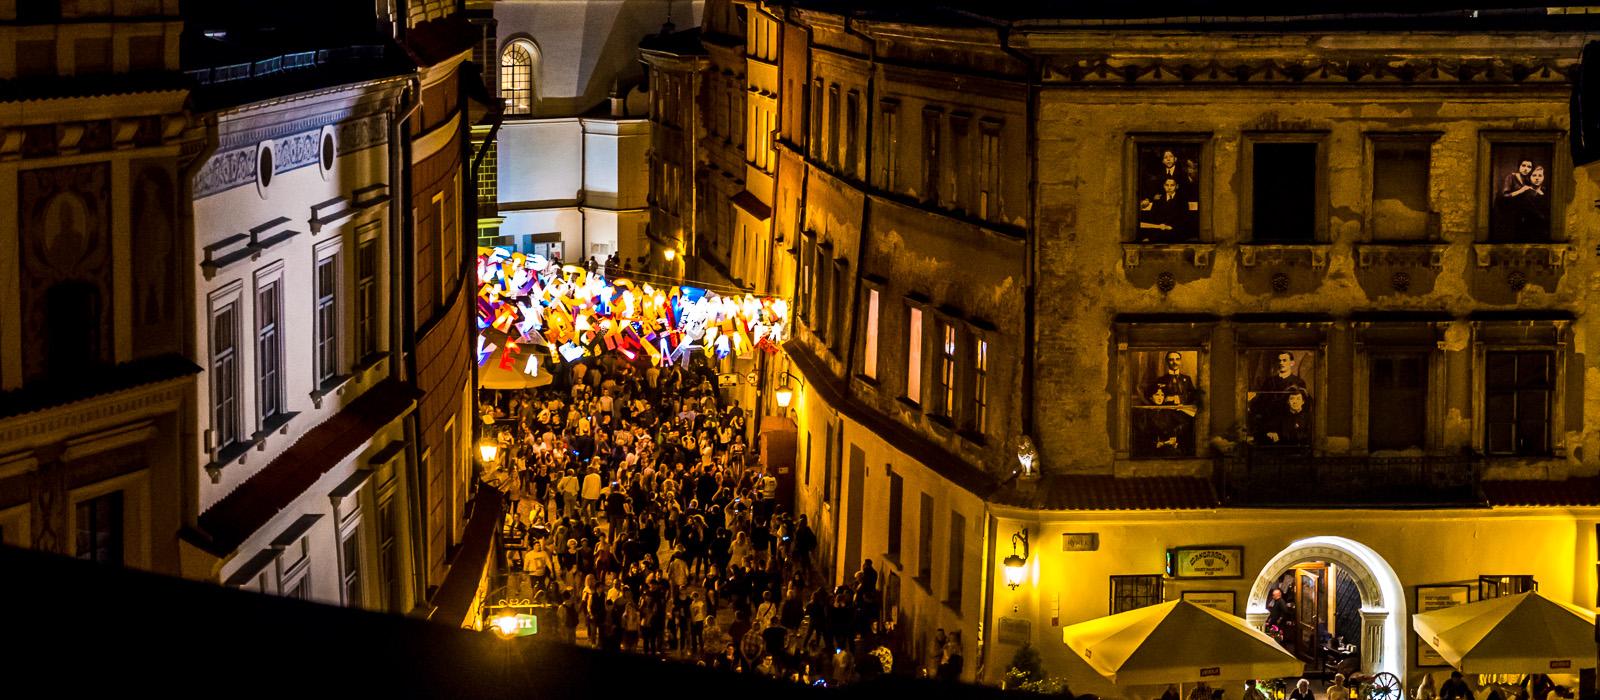 Przynajmniej jedną noc w roku trzeba spędzić w Lublinie. Właśnie tę Noc